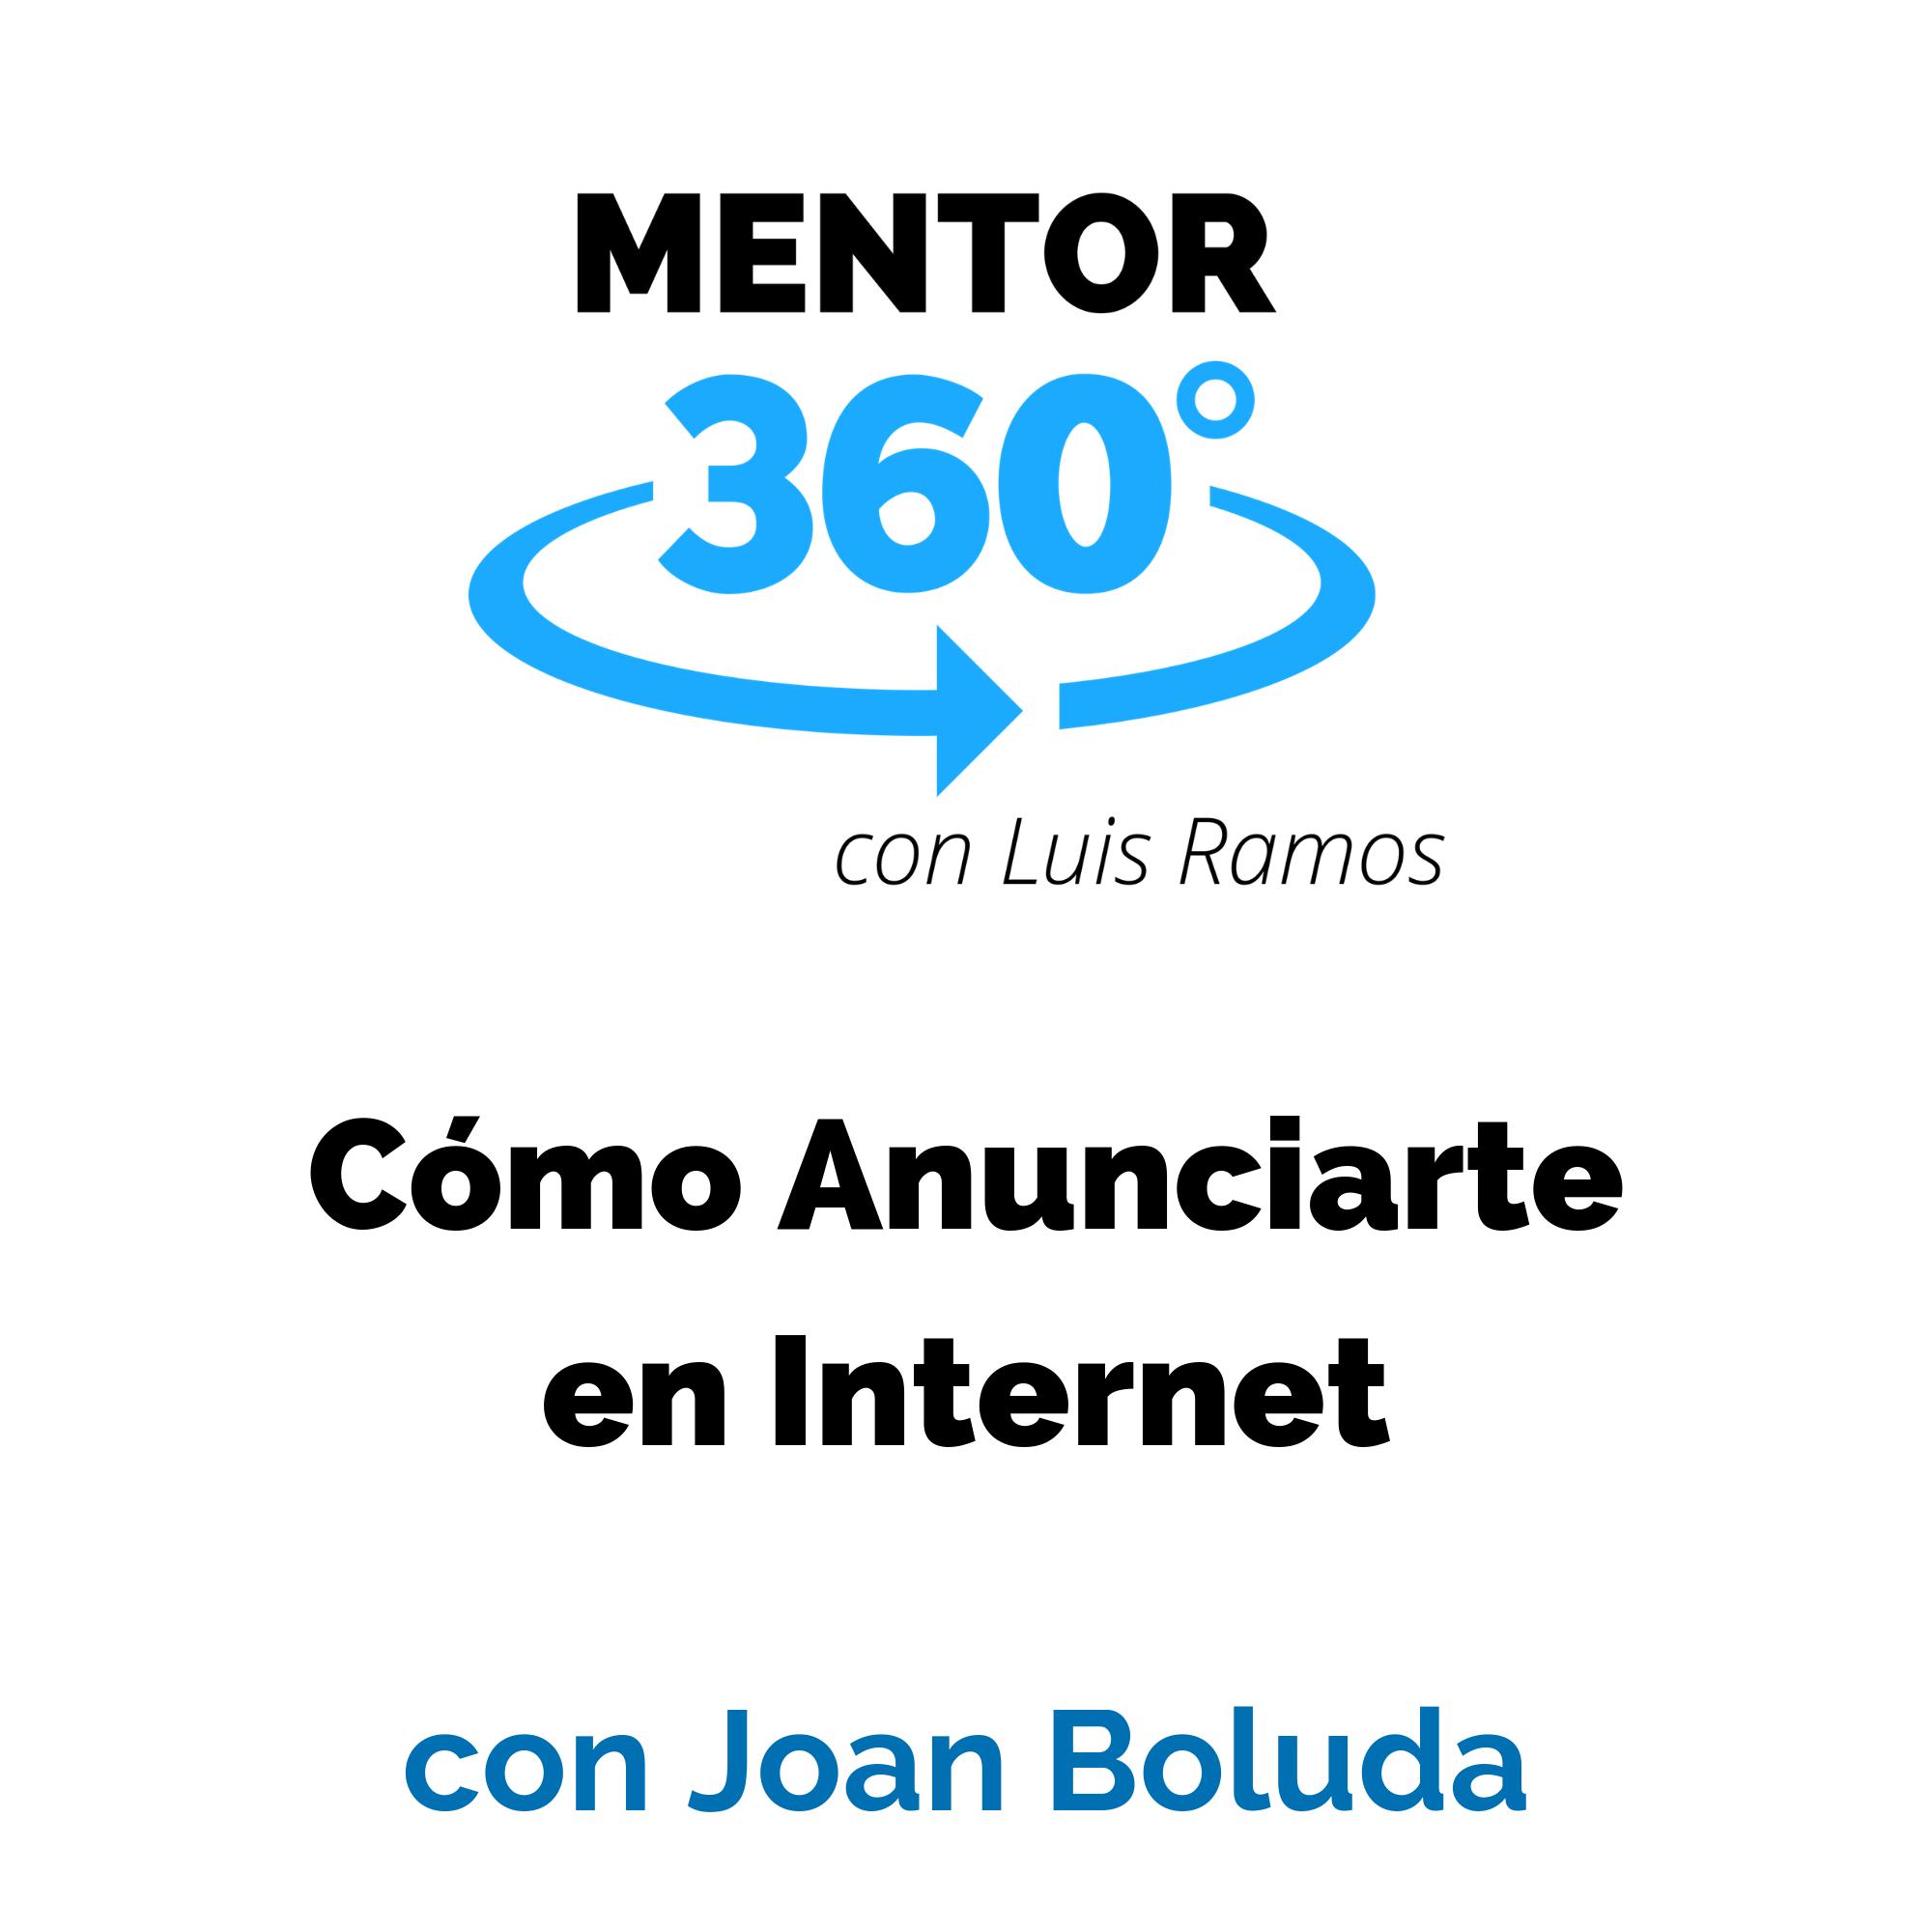 Cómo Anunciarte en Internet, con Joan Boluda - Marketing Online - MENTOR360